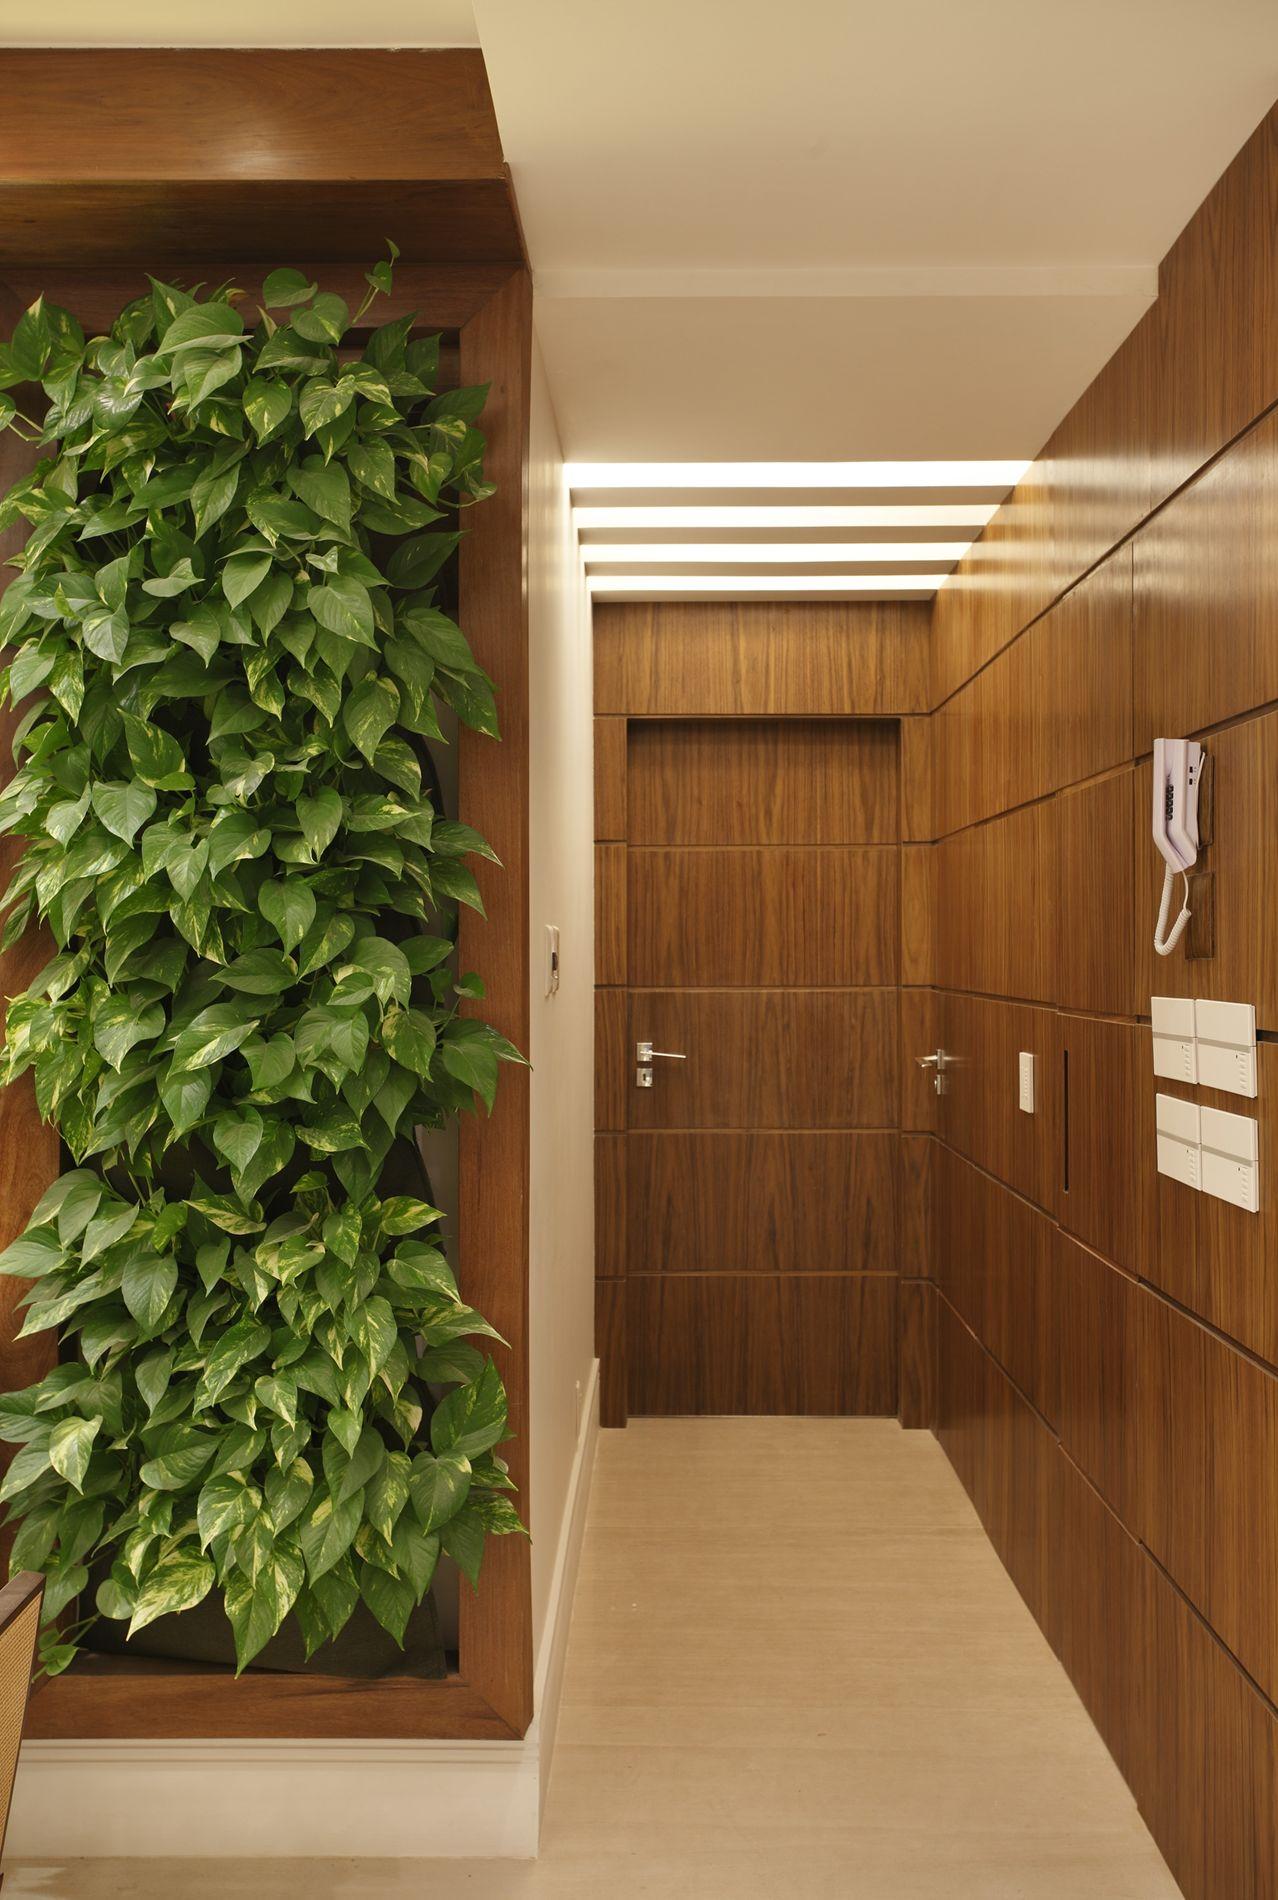 Projeto de Decoração de Interiores em Corredores Apartamento no  #6E421E 1278 1900